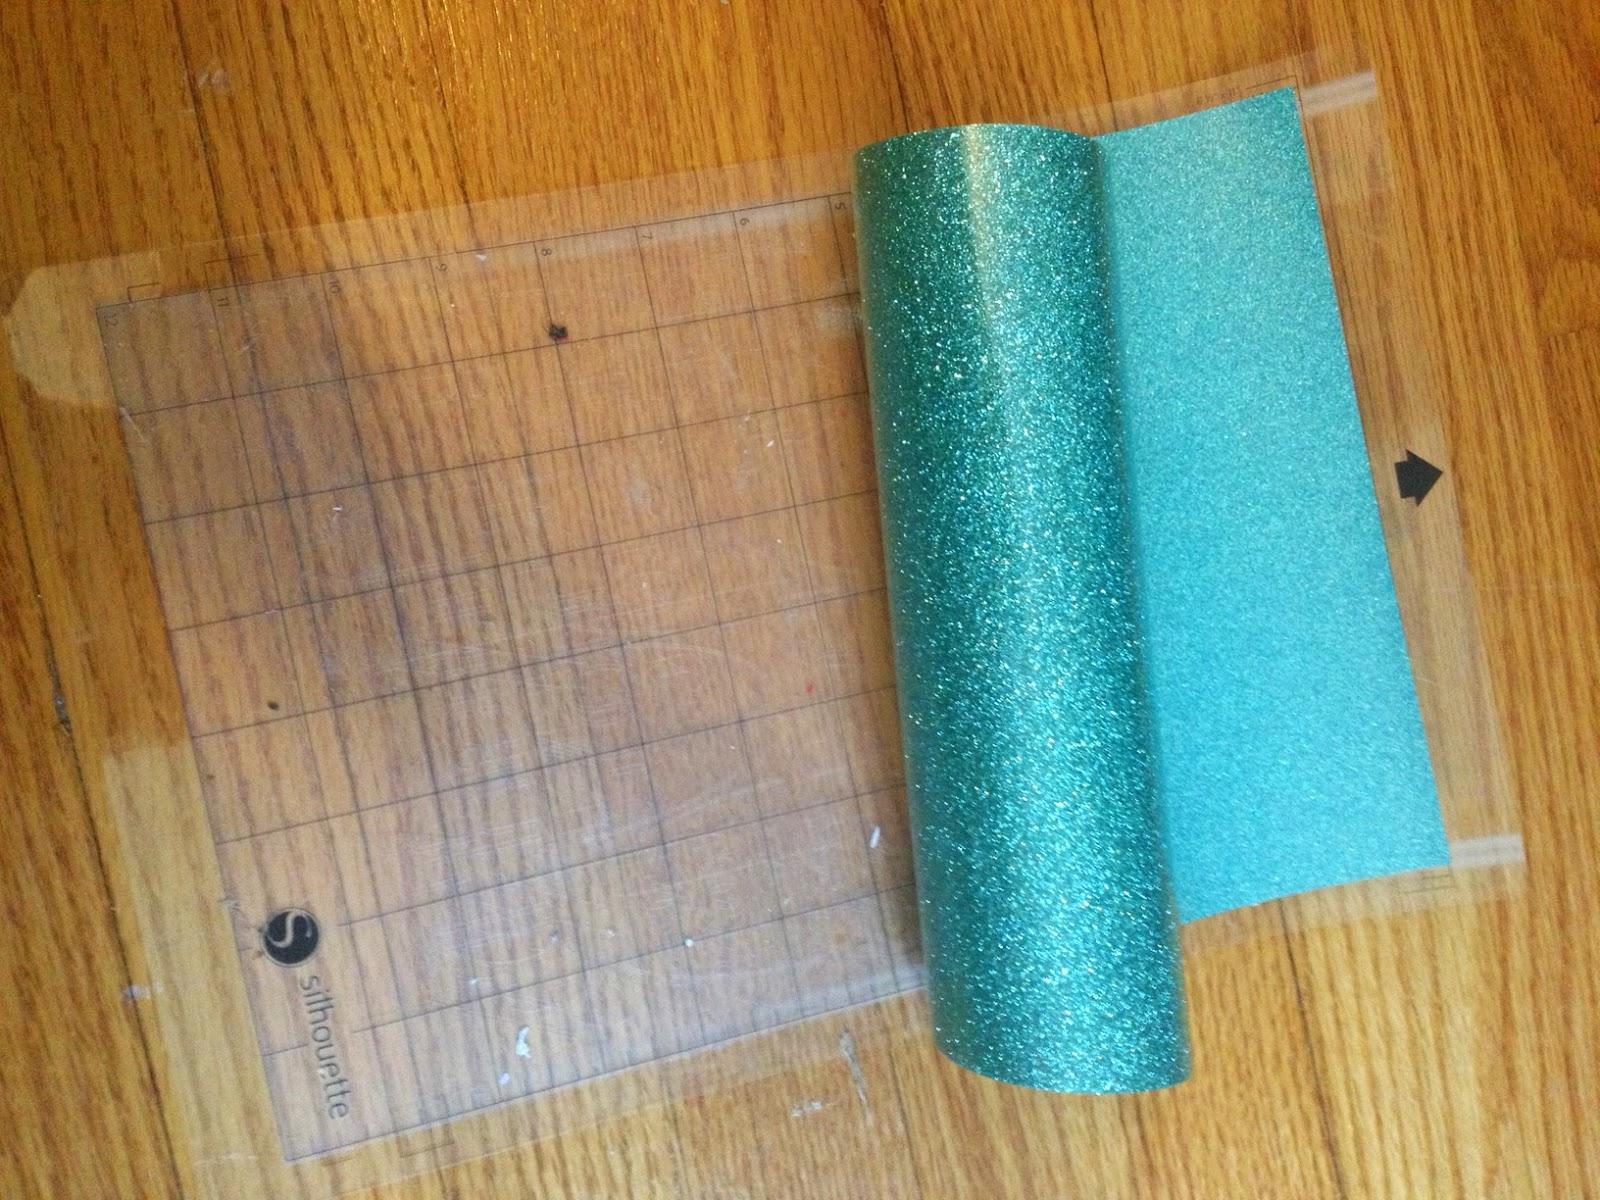 Book bag, library, glitter, heat transfer vinyl, htv, cutting mat